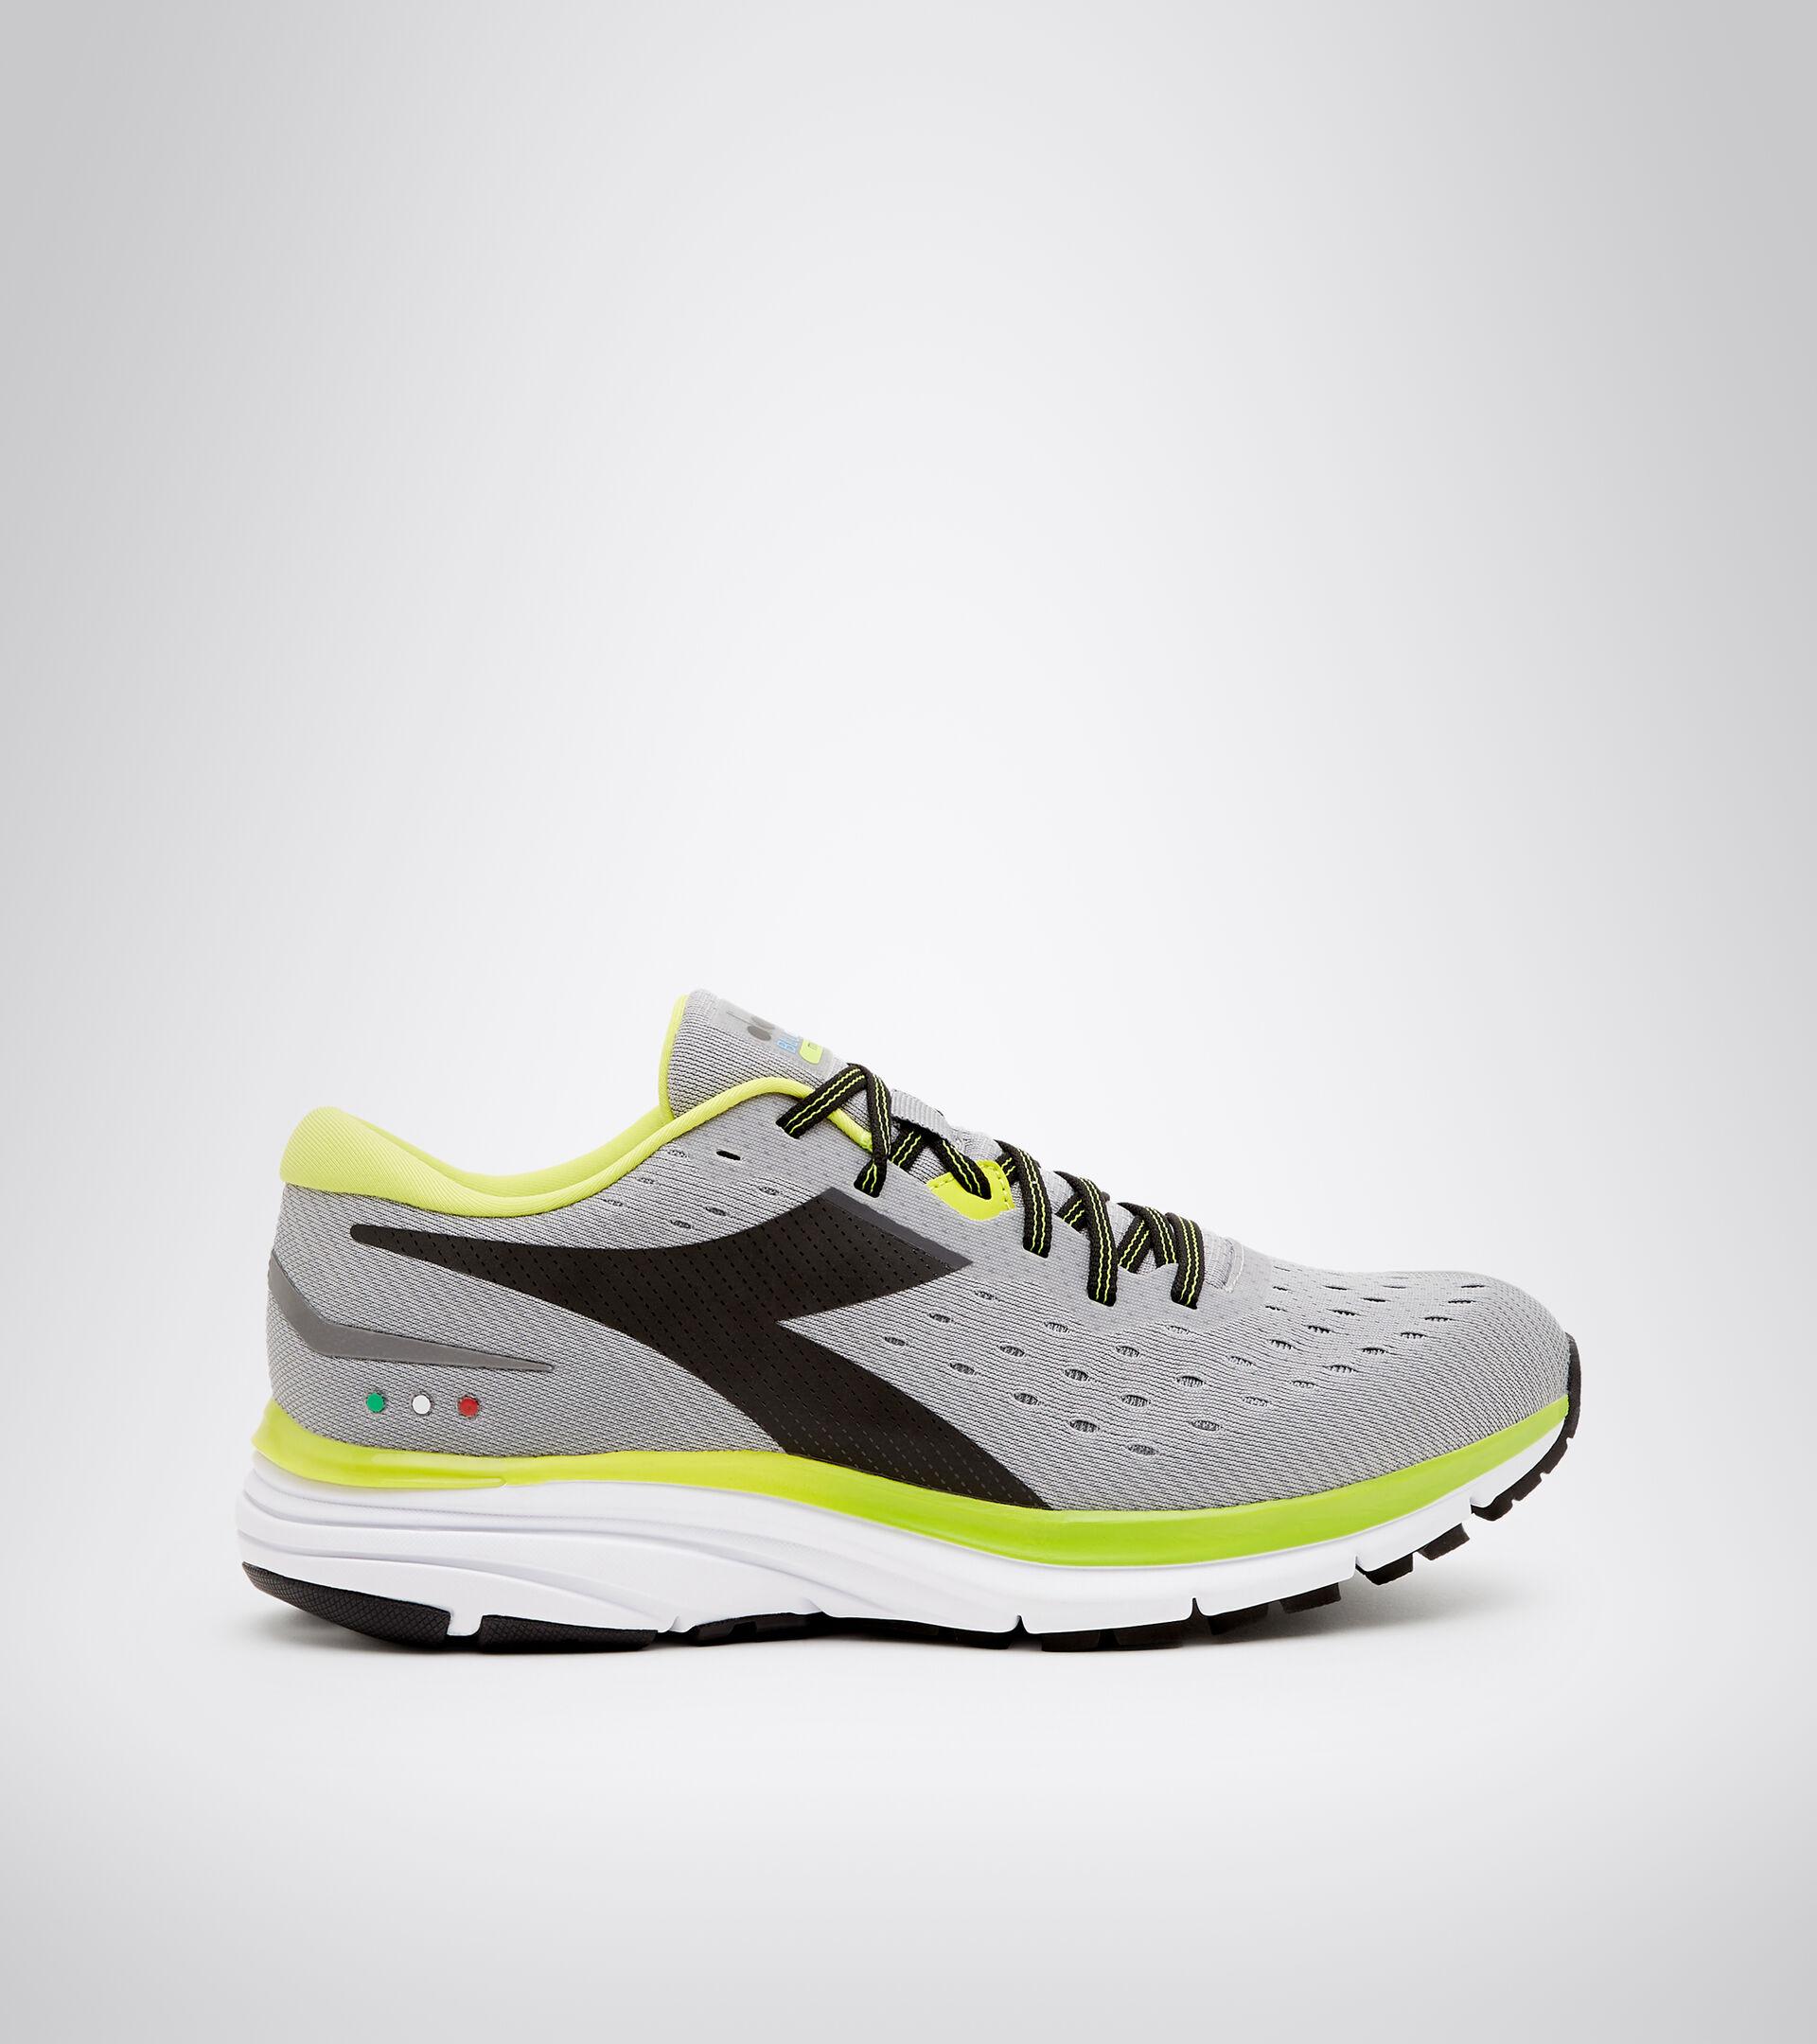 Footwear Sport UOMO MYTHOS BLUSHIELD 6 ALLOY/STEEL GRAY/BLACK Diadora